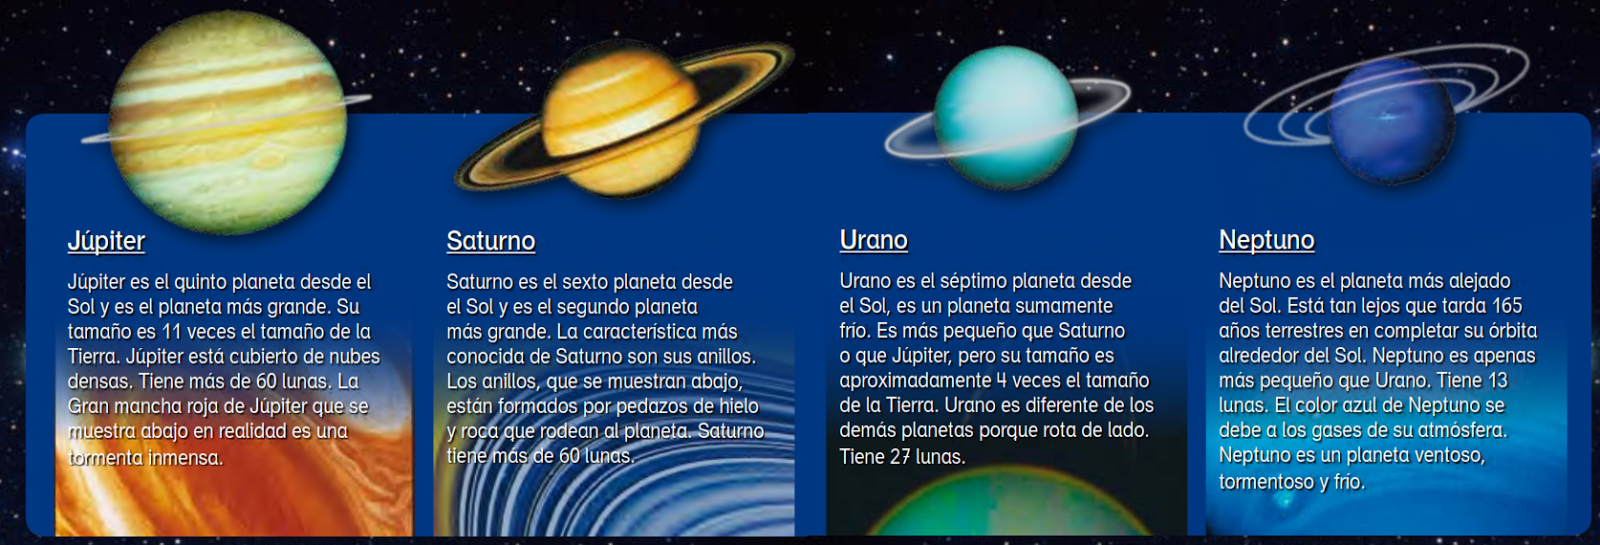 Hace los deberes los planetas exteriores - Caracteristicas de los planetas interiores ...